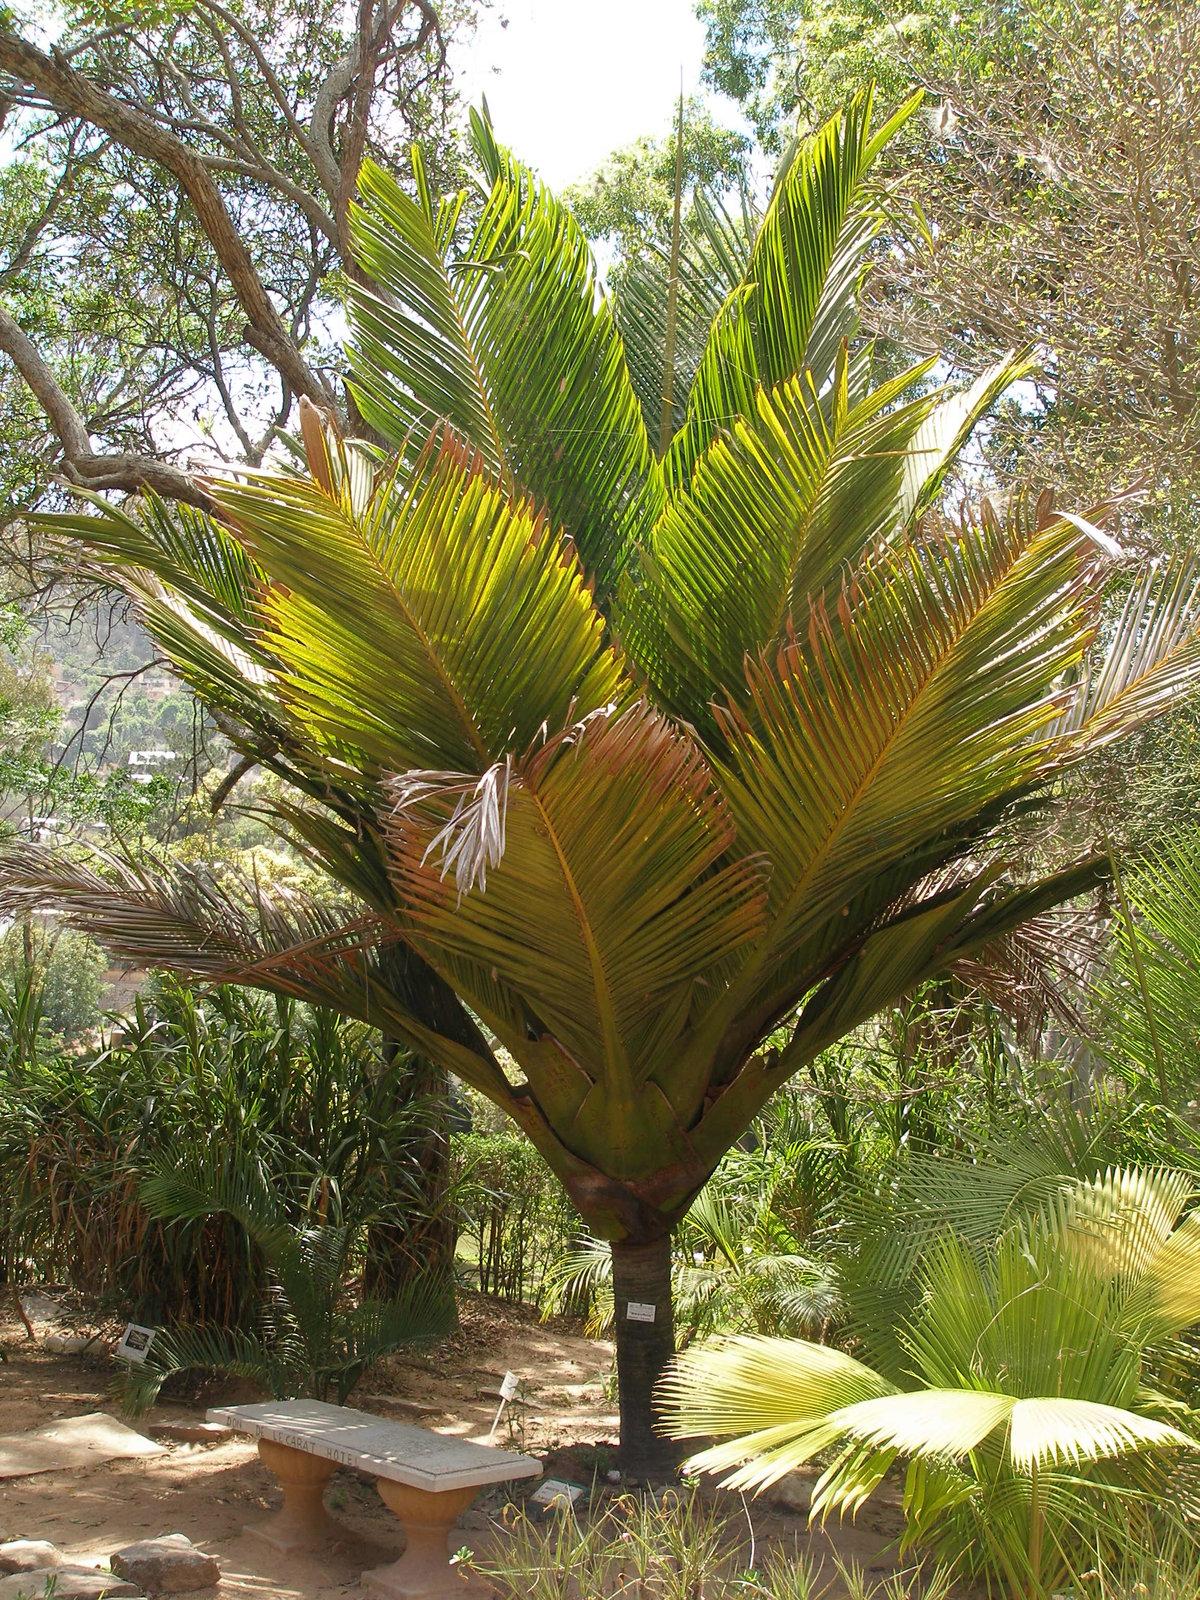 фотографии папоротников пальм полностью